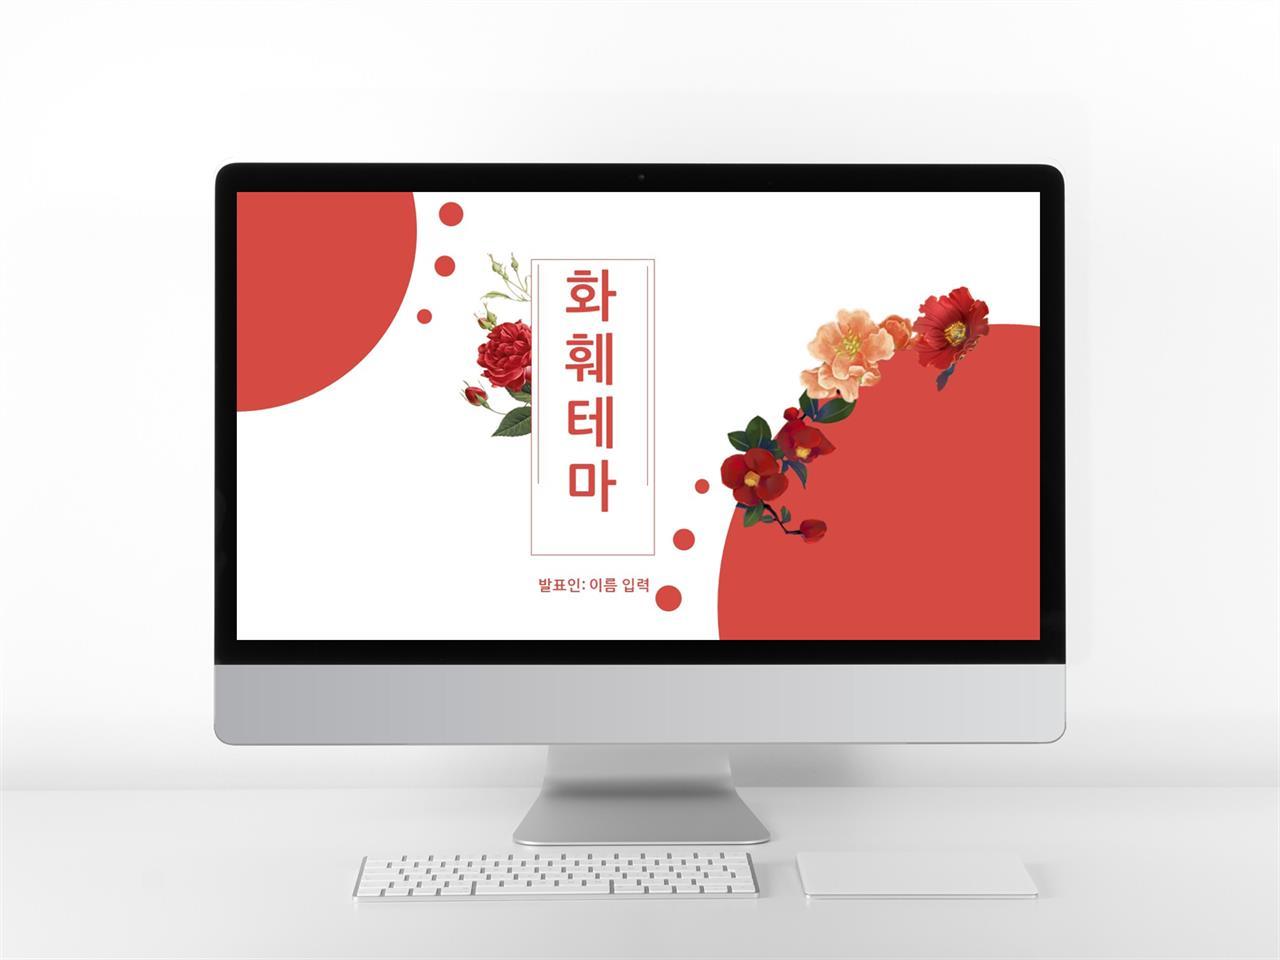 화초, 동식물 빨간색 단정한 다양한 주제에 어울리는 PPT서식 디자인 미리보기